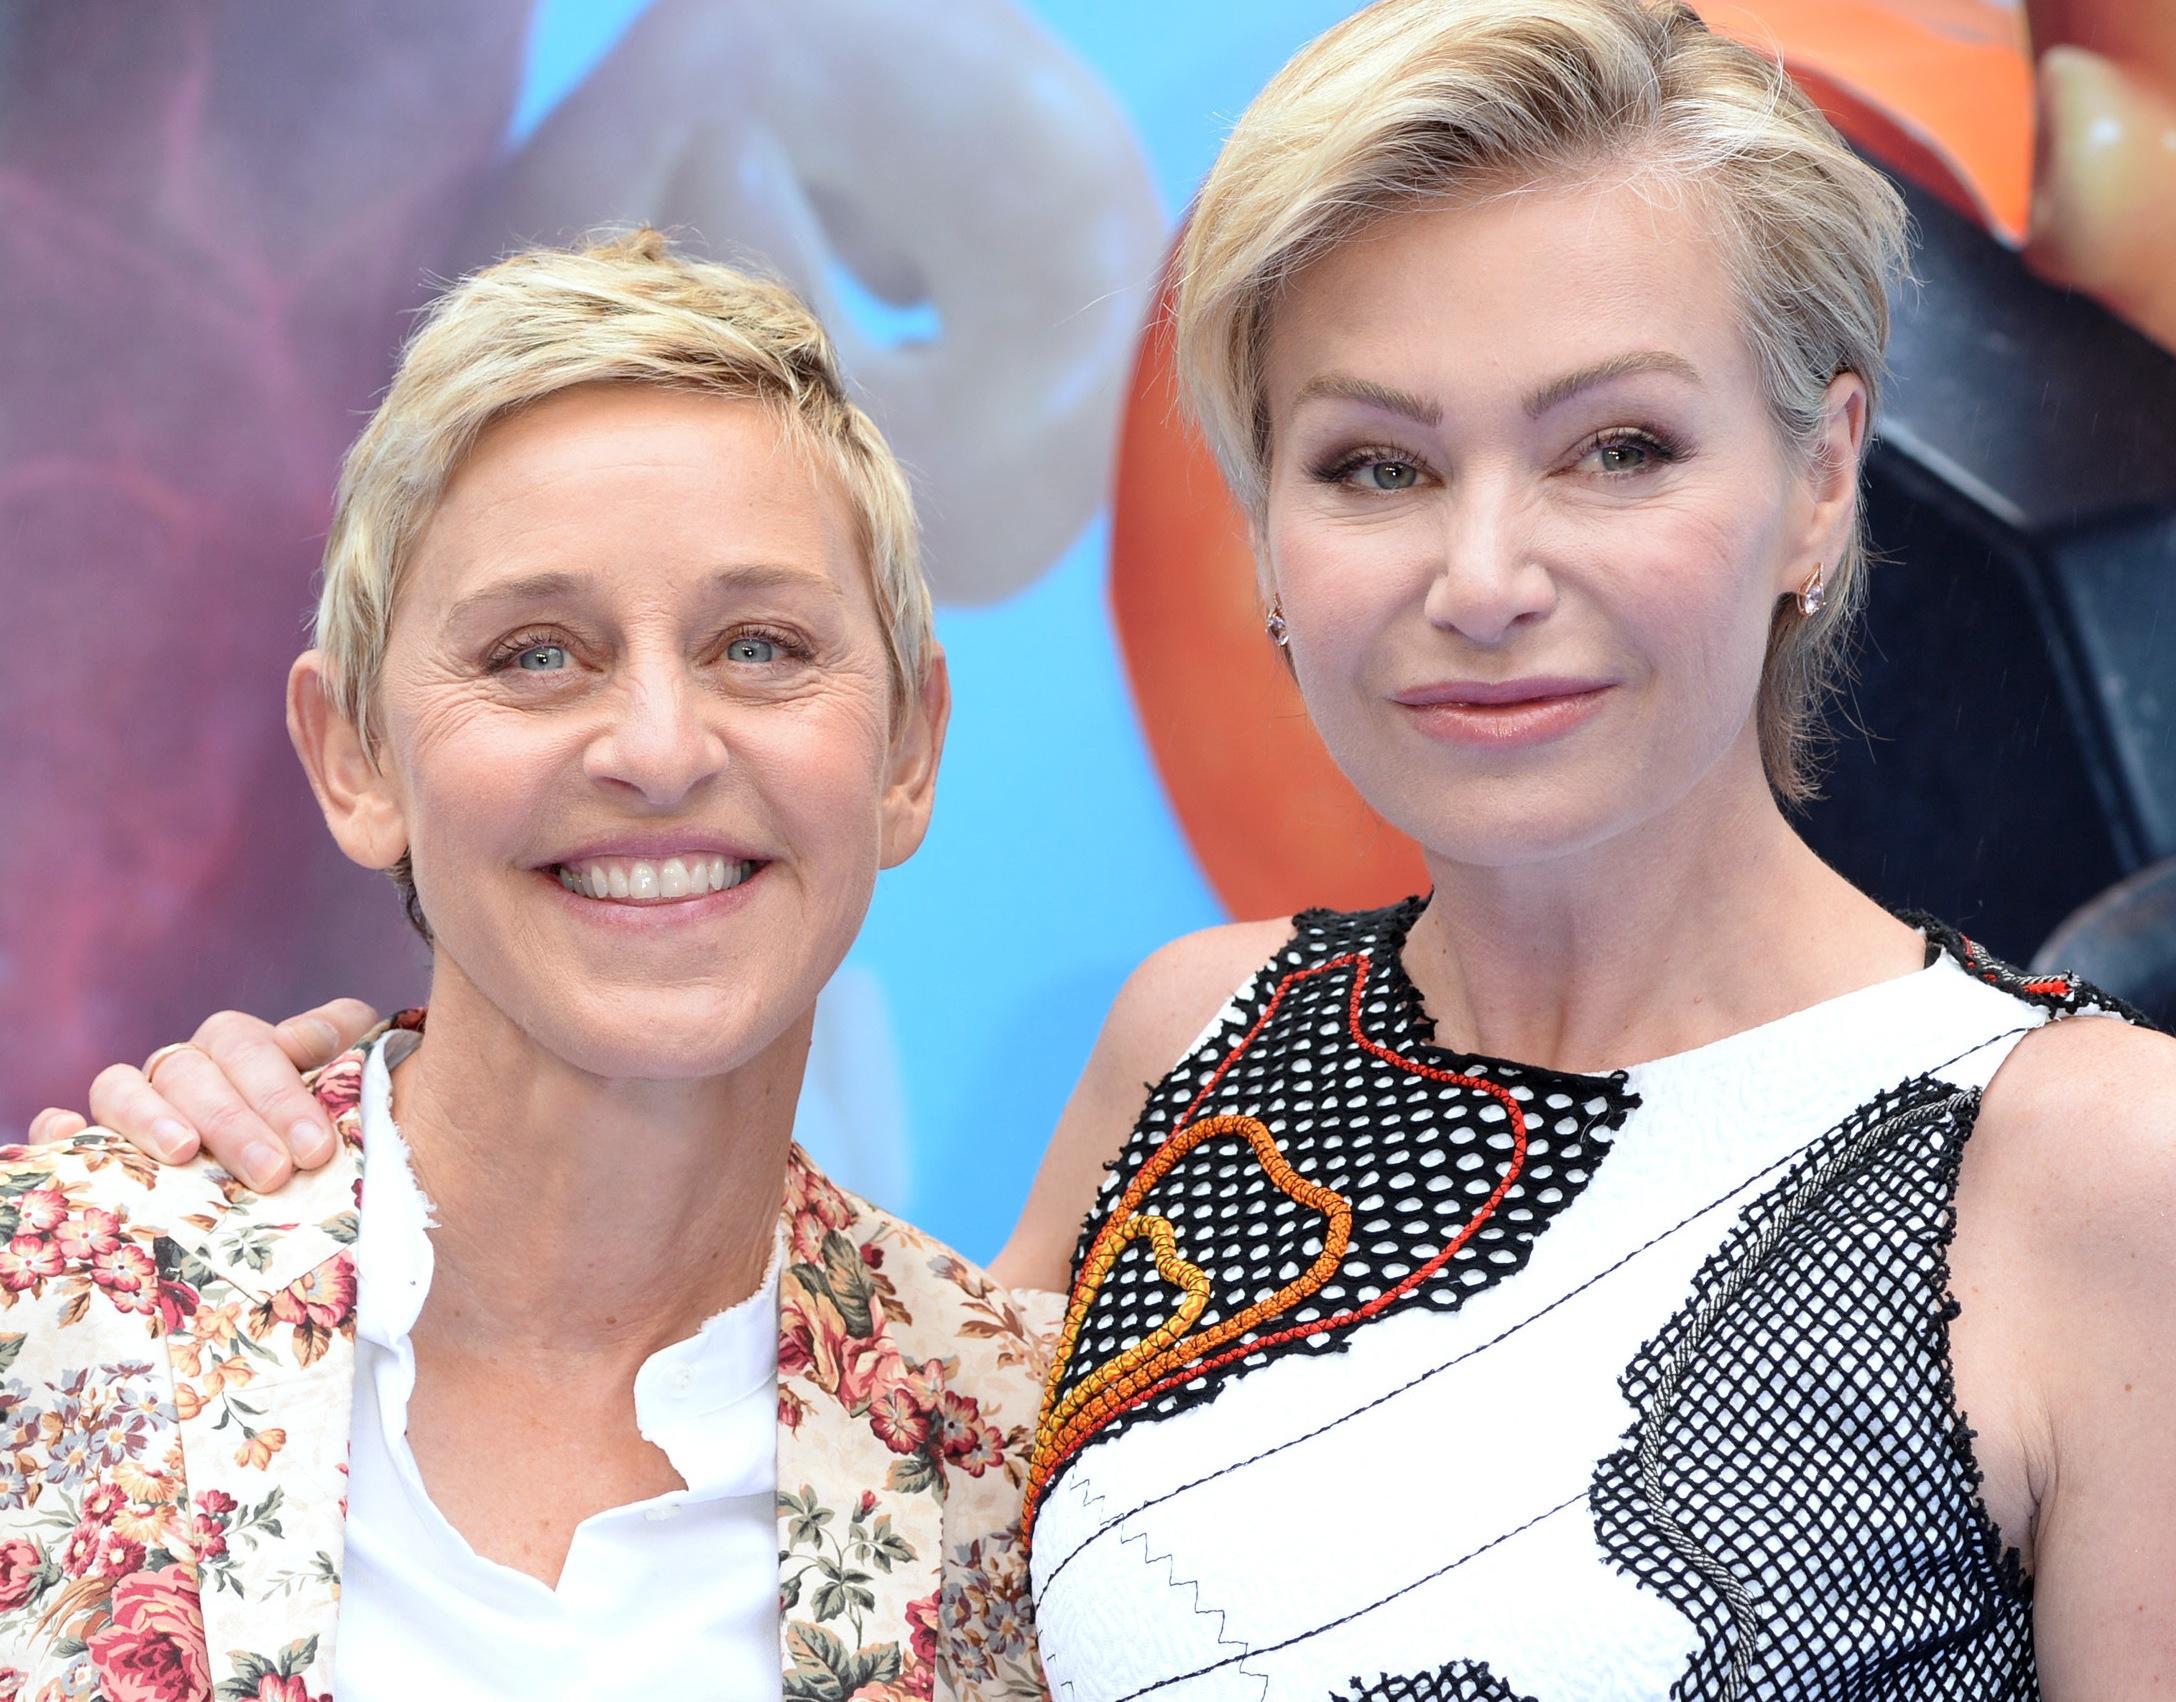 Ellen and Portia edited